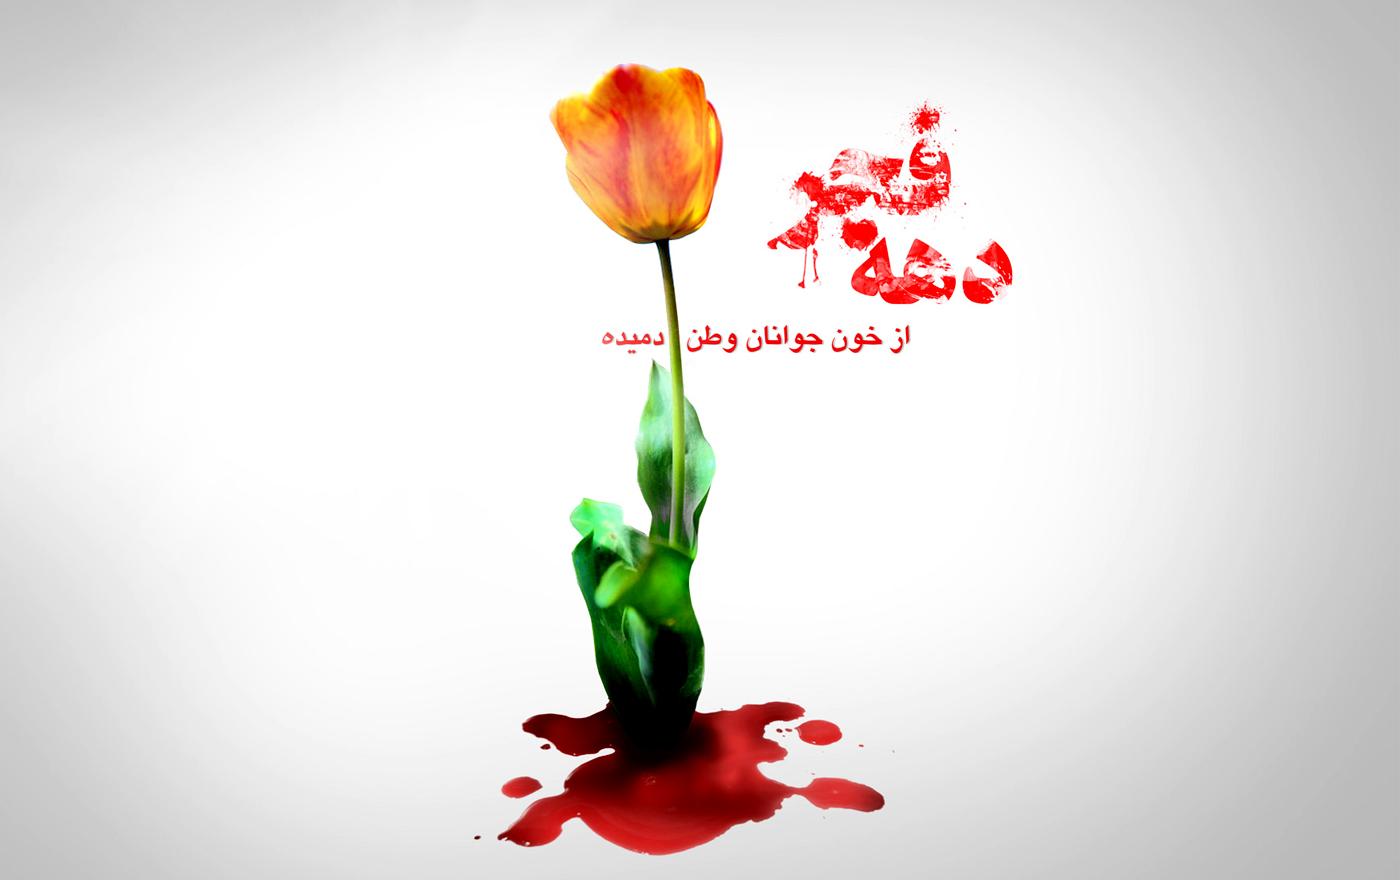 دهه فجر و وقایع آن تا 22 بهمن